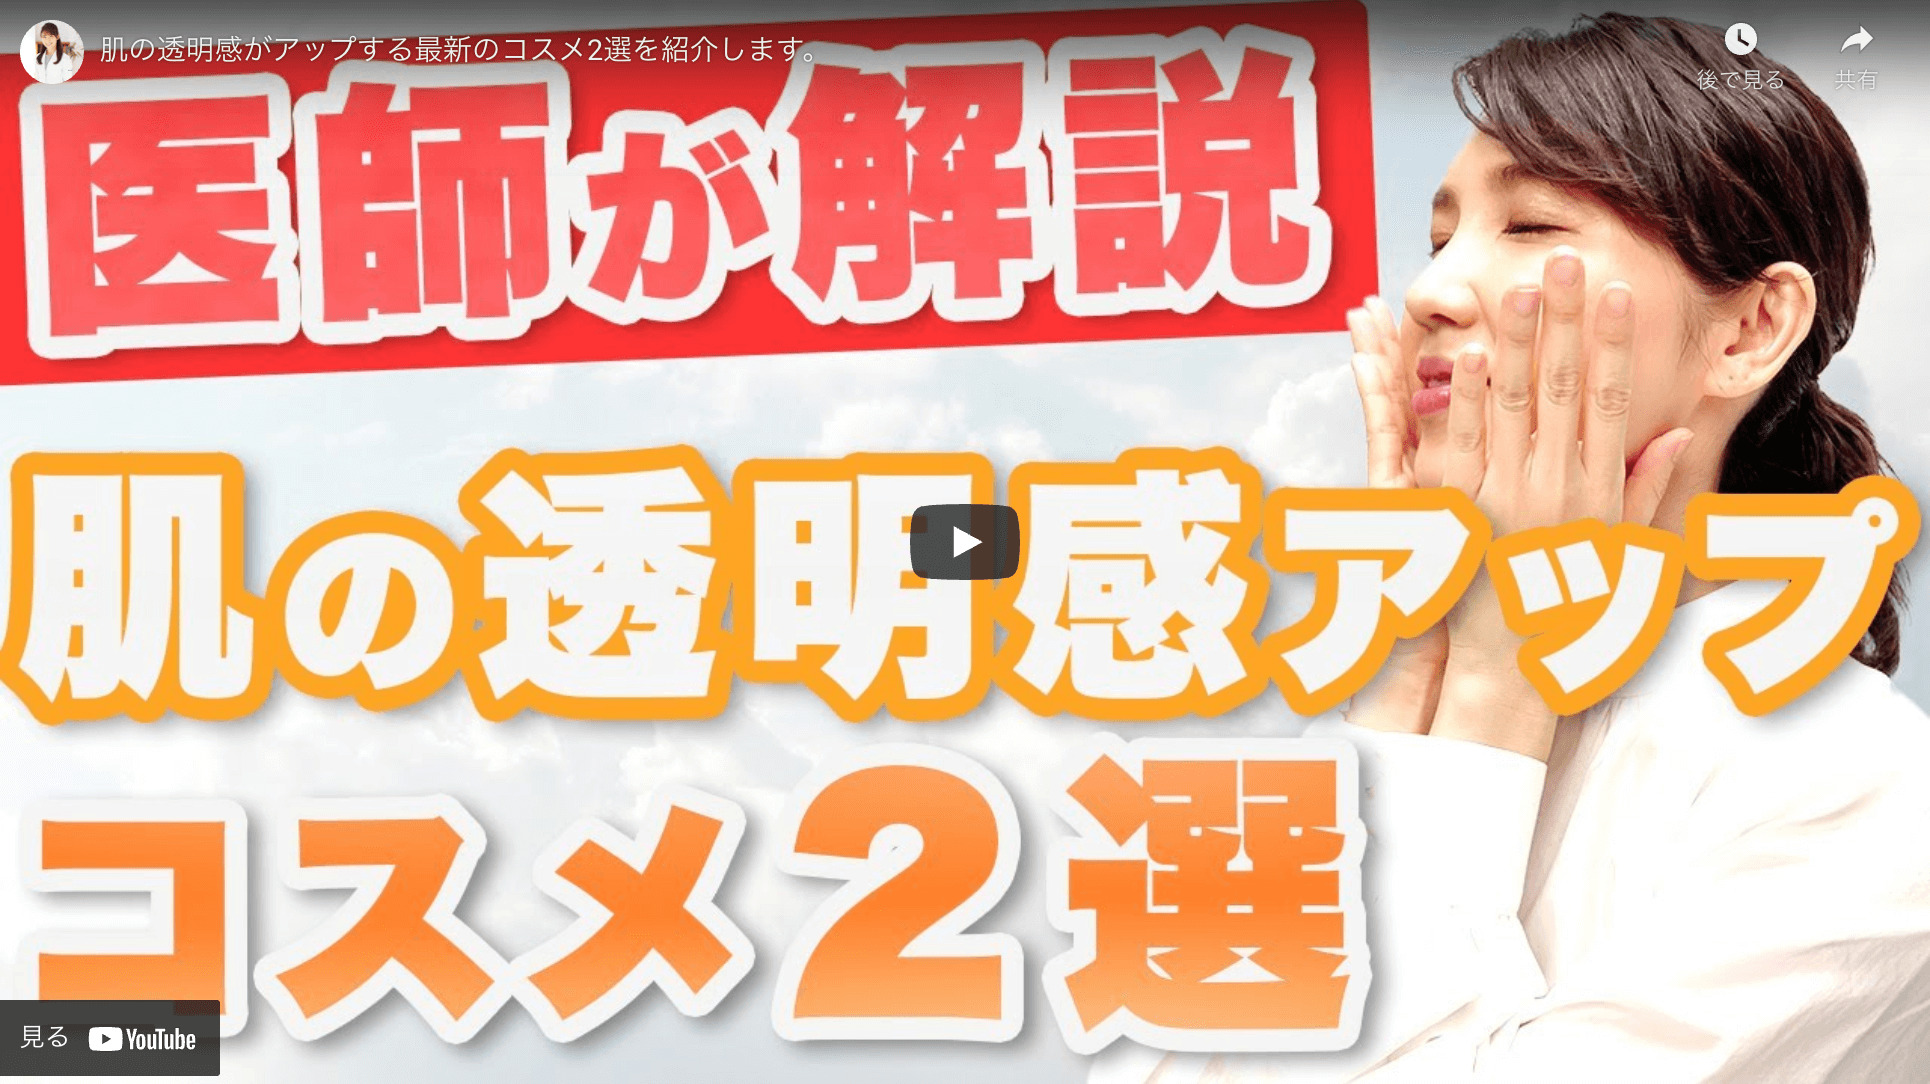 友利新さんが「肌の透明感アップコスメ 2選」を公開